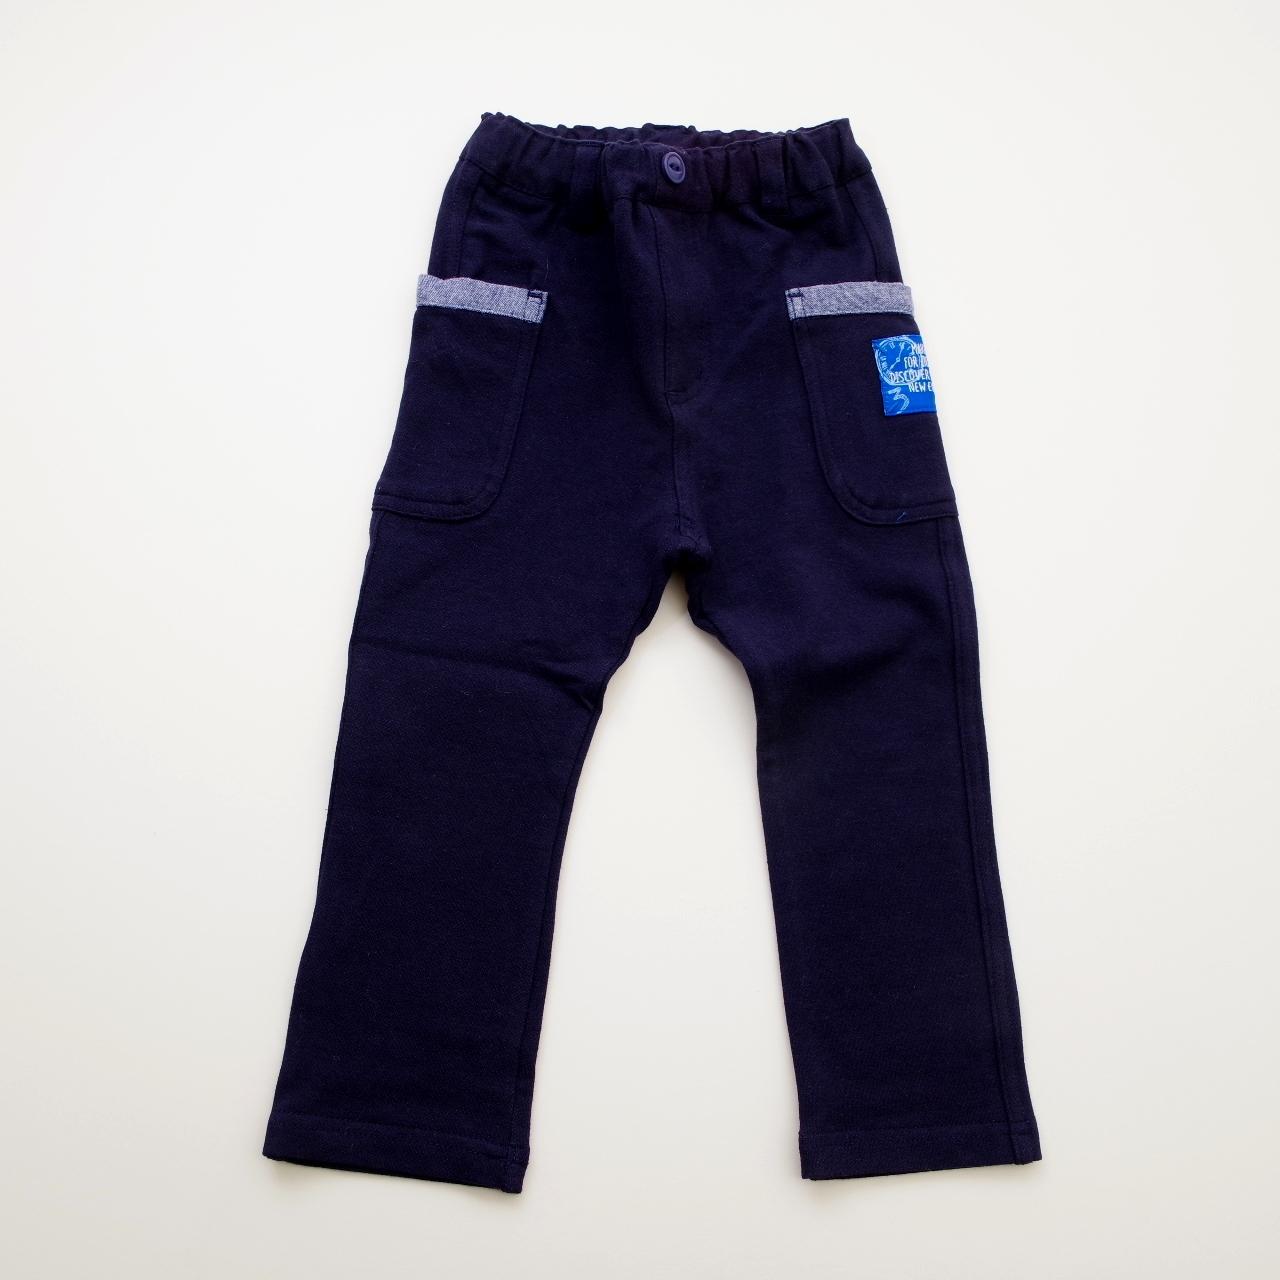 マザーグースMOTHER GOOSE  長丈パンツ  90cm-120cm (11161-170)